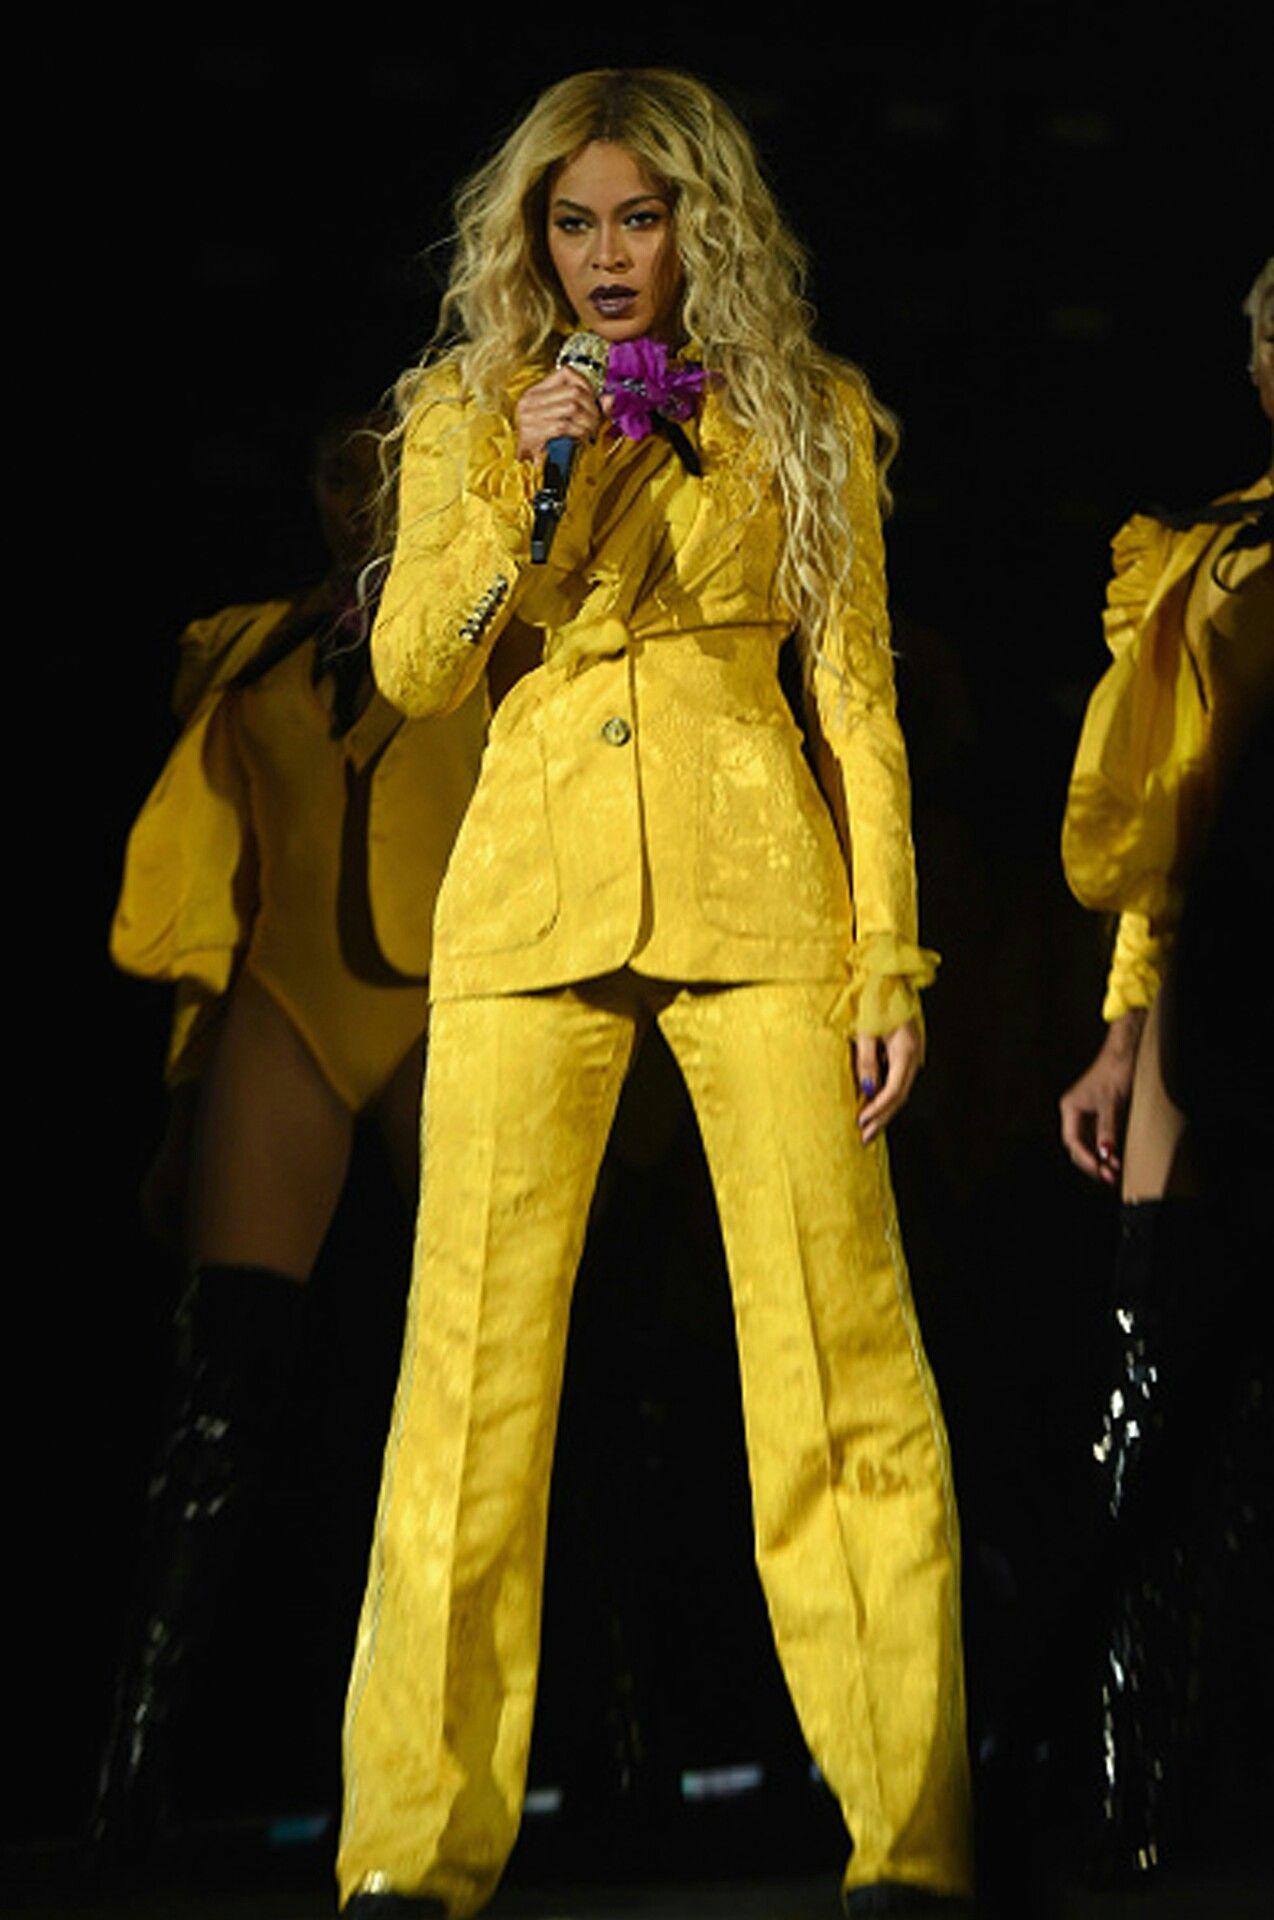 بيونسيه أنيقة في بدلة باللون الأصفر